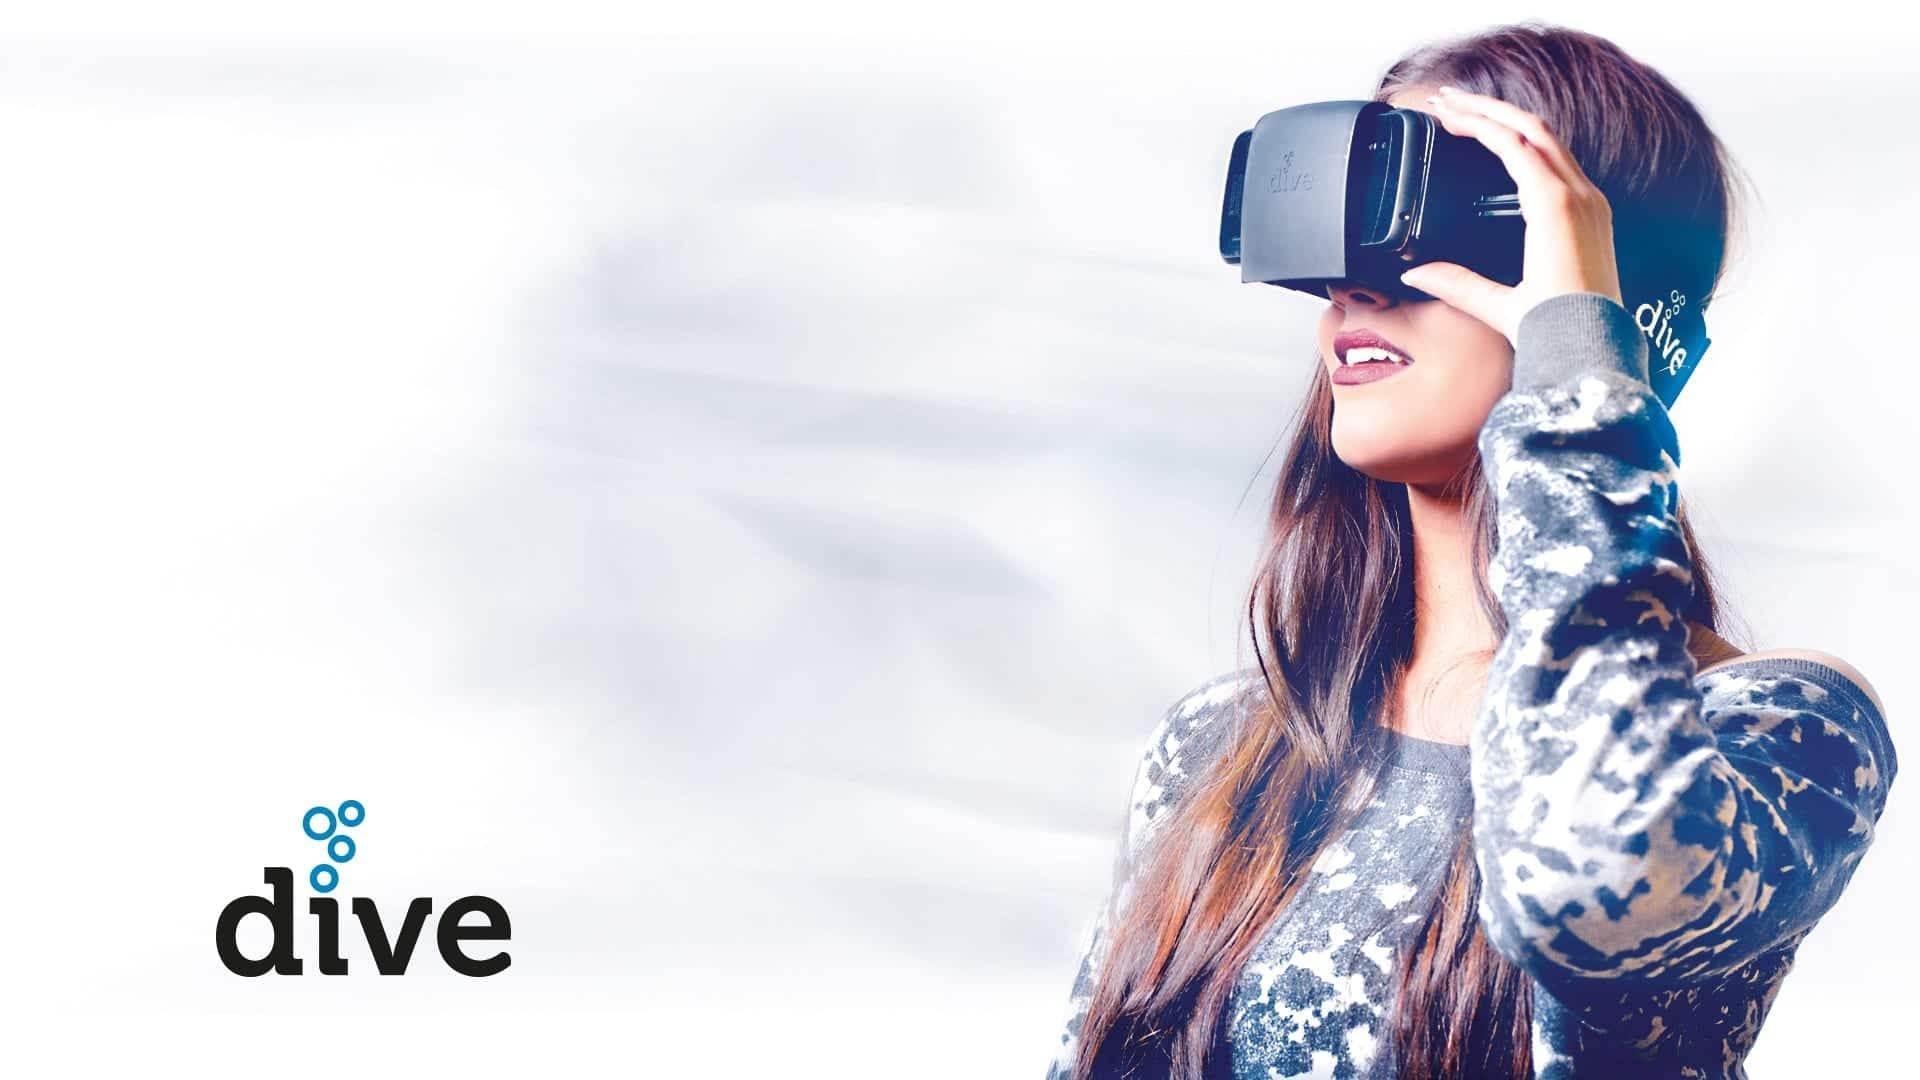 durovis dive realidad virtual cardboard